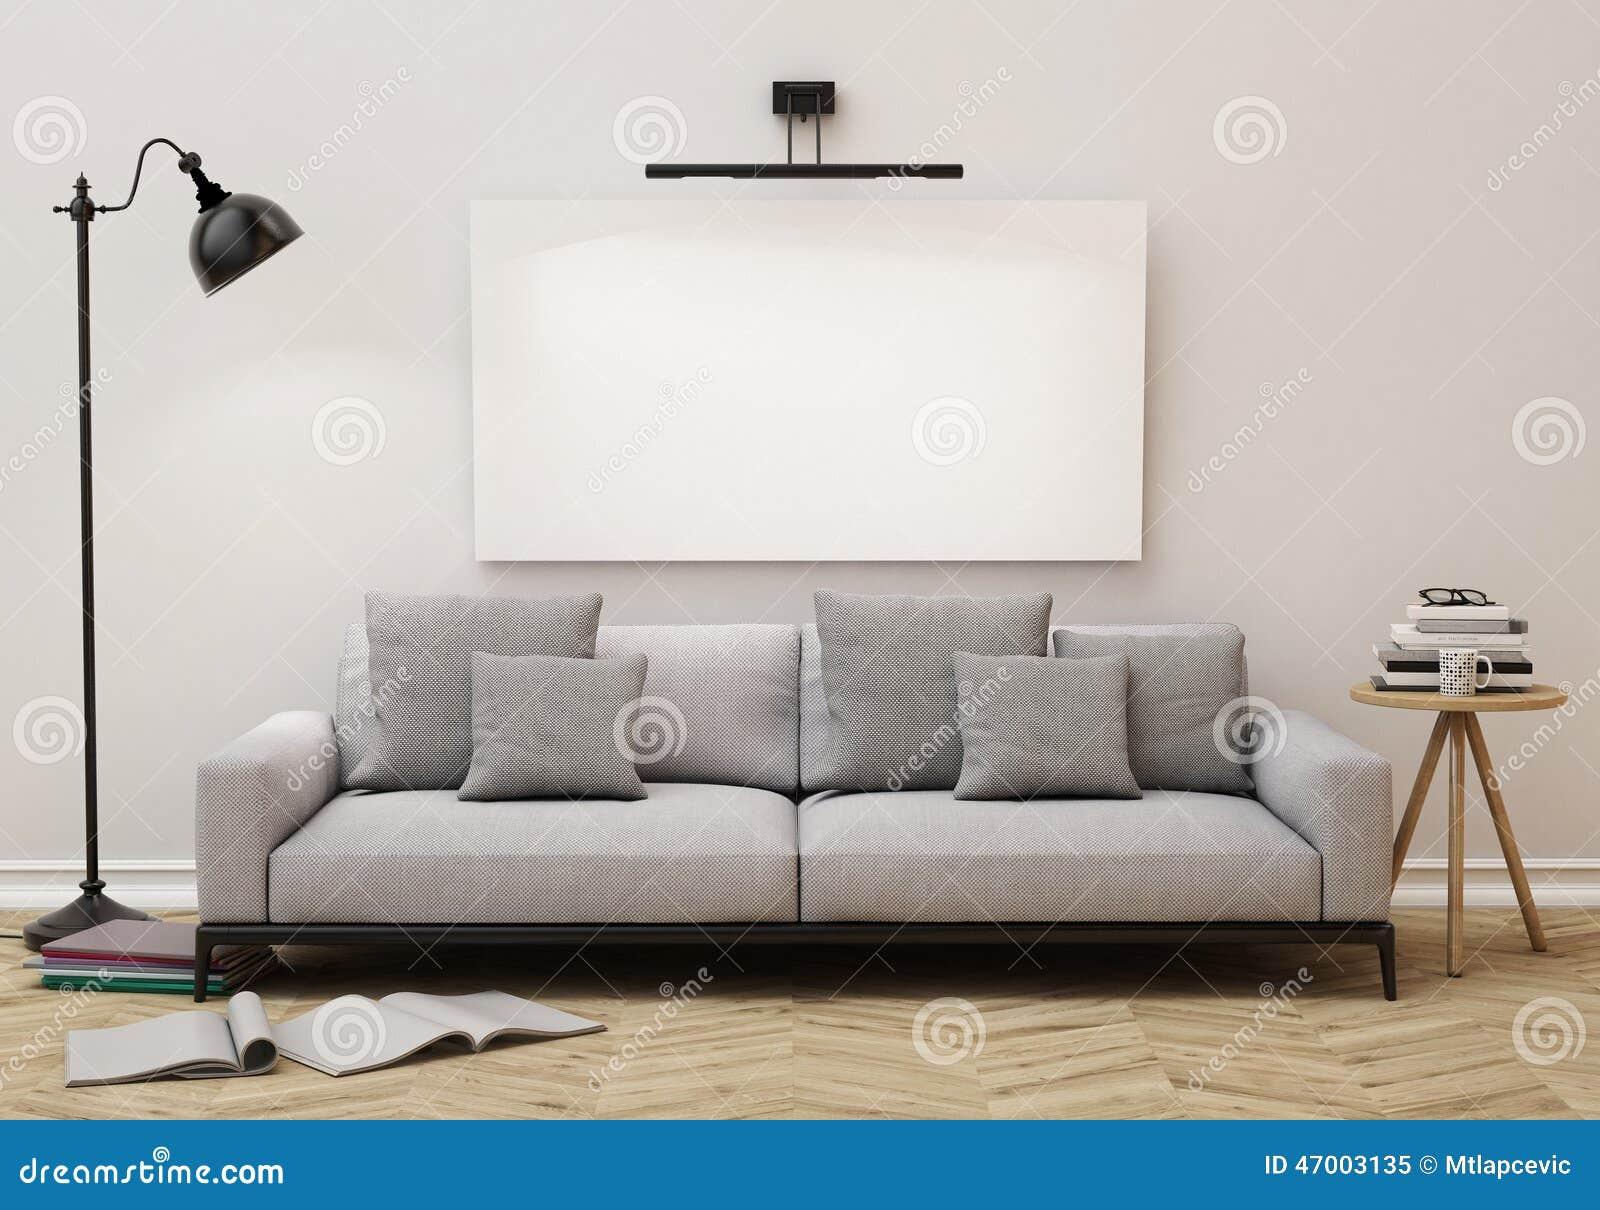 Imite encima del cartel en blanco en la pared de la sala de estar, fondo